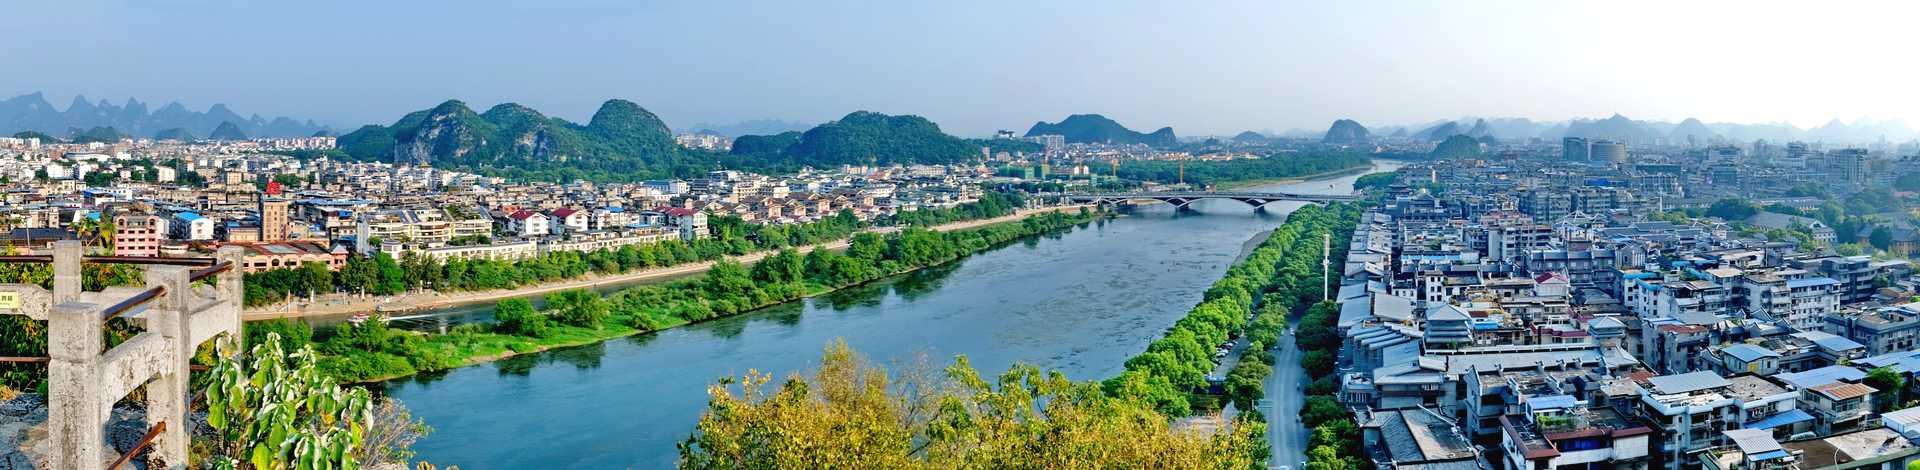 Guilin Yangshuo